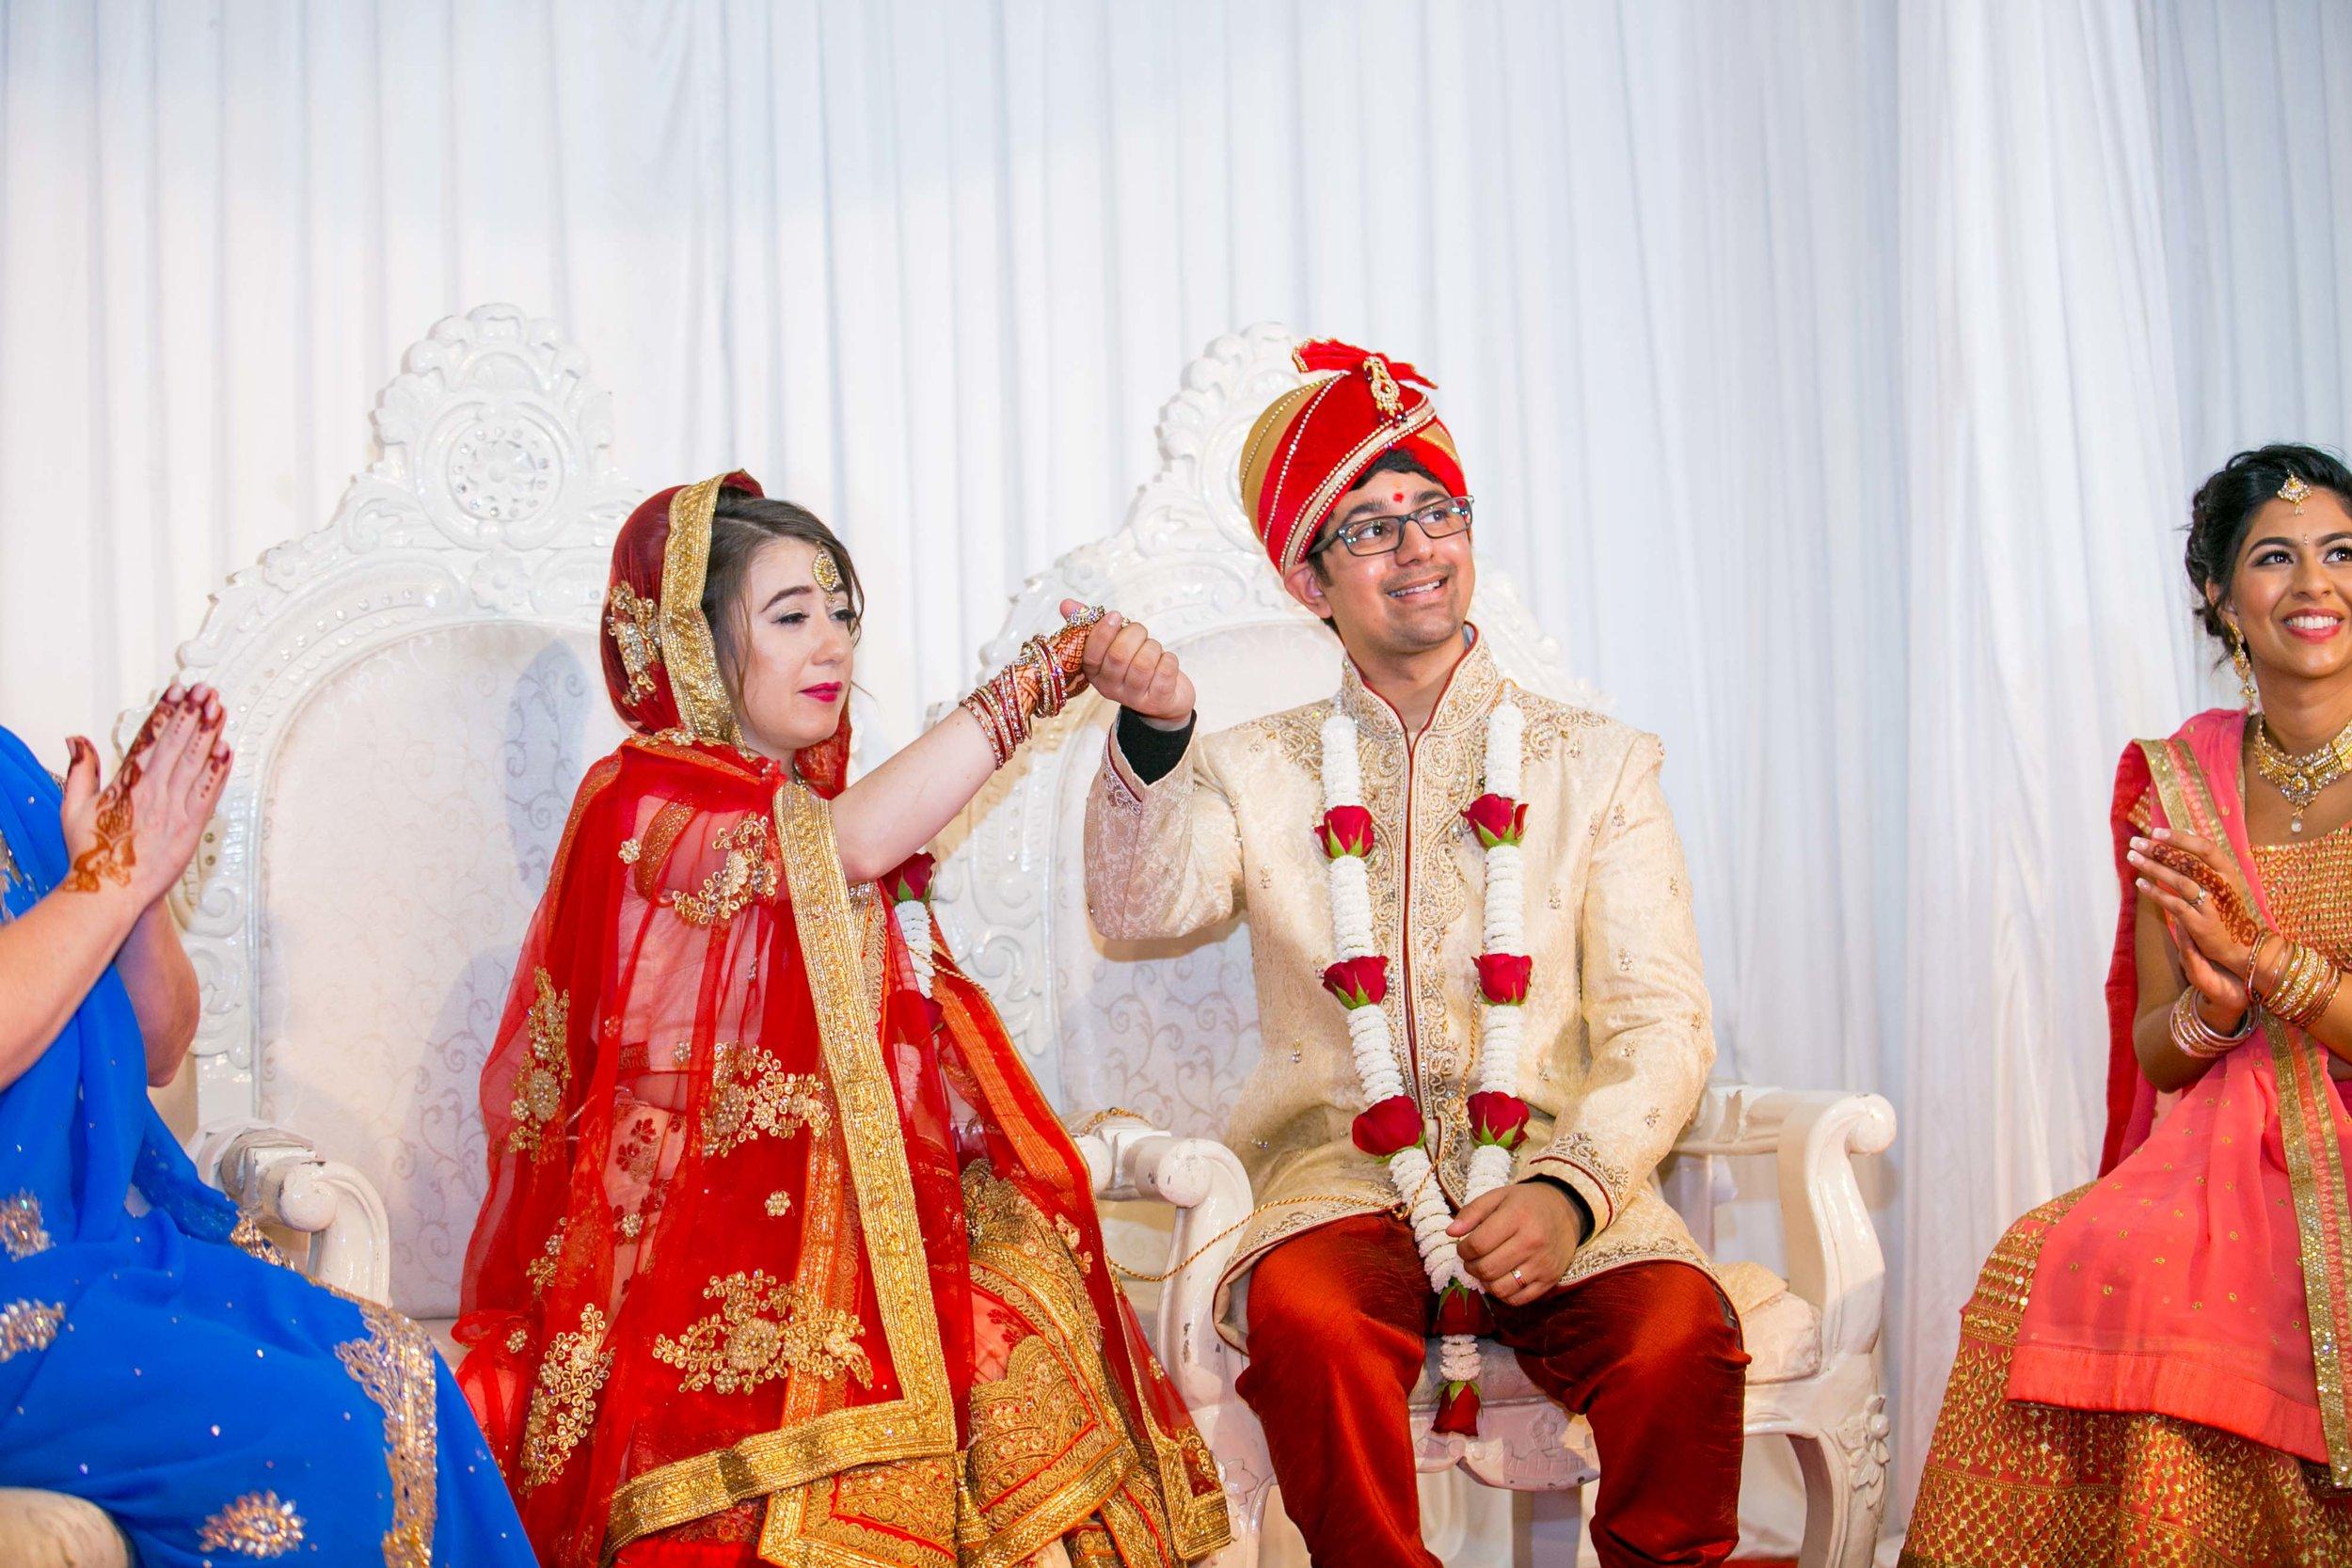 asian-Hindu-wedding-photographer-birmingham-abbey-park-leicester-natalia-smith-photography-34.jpg